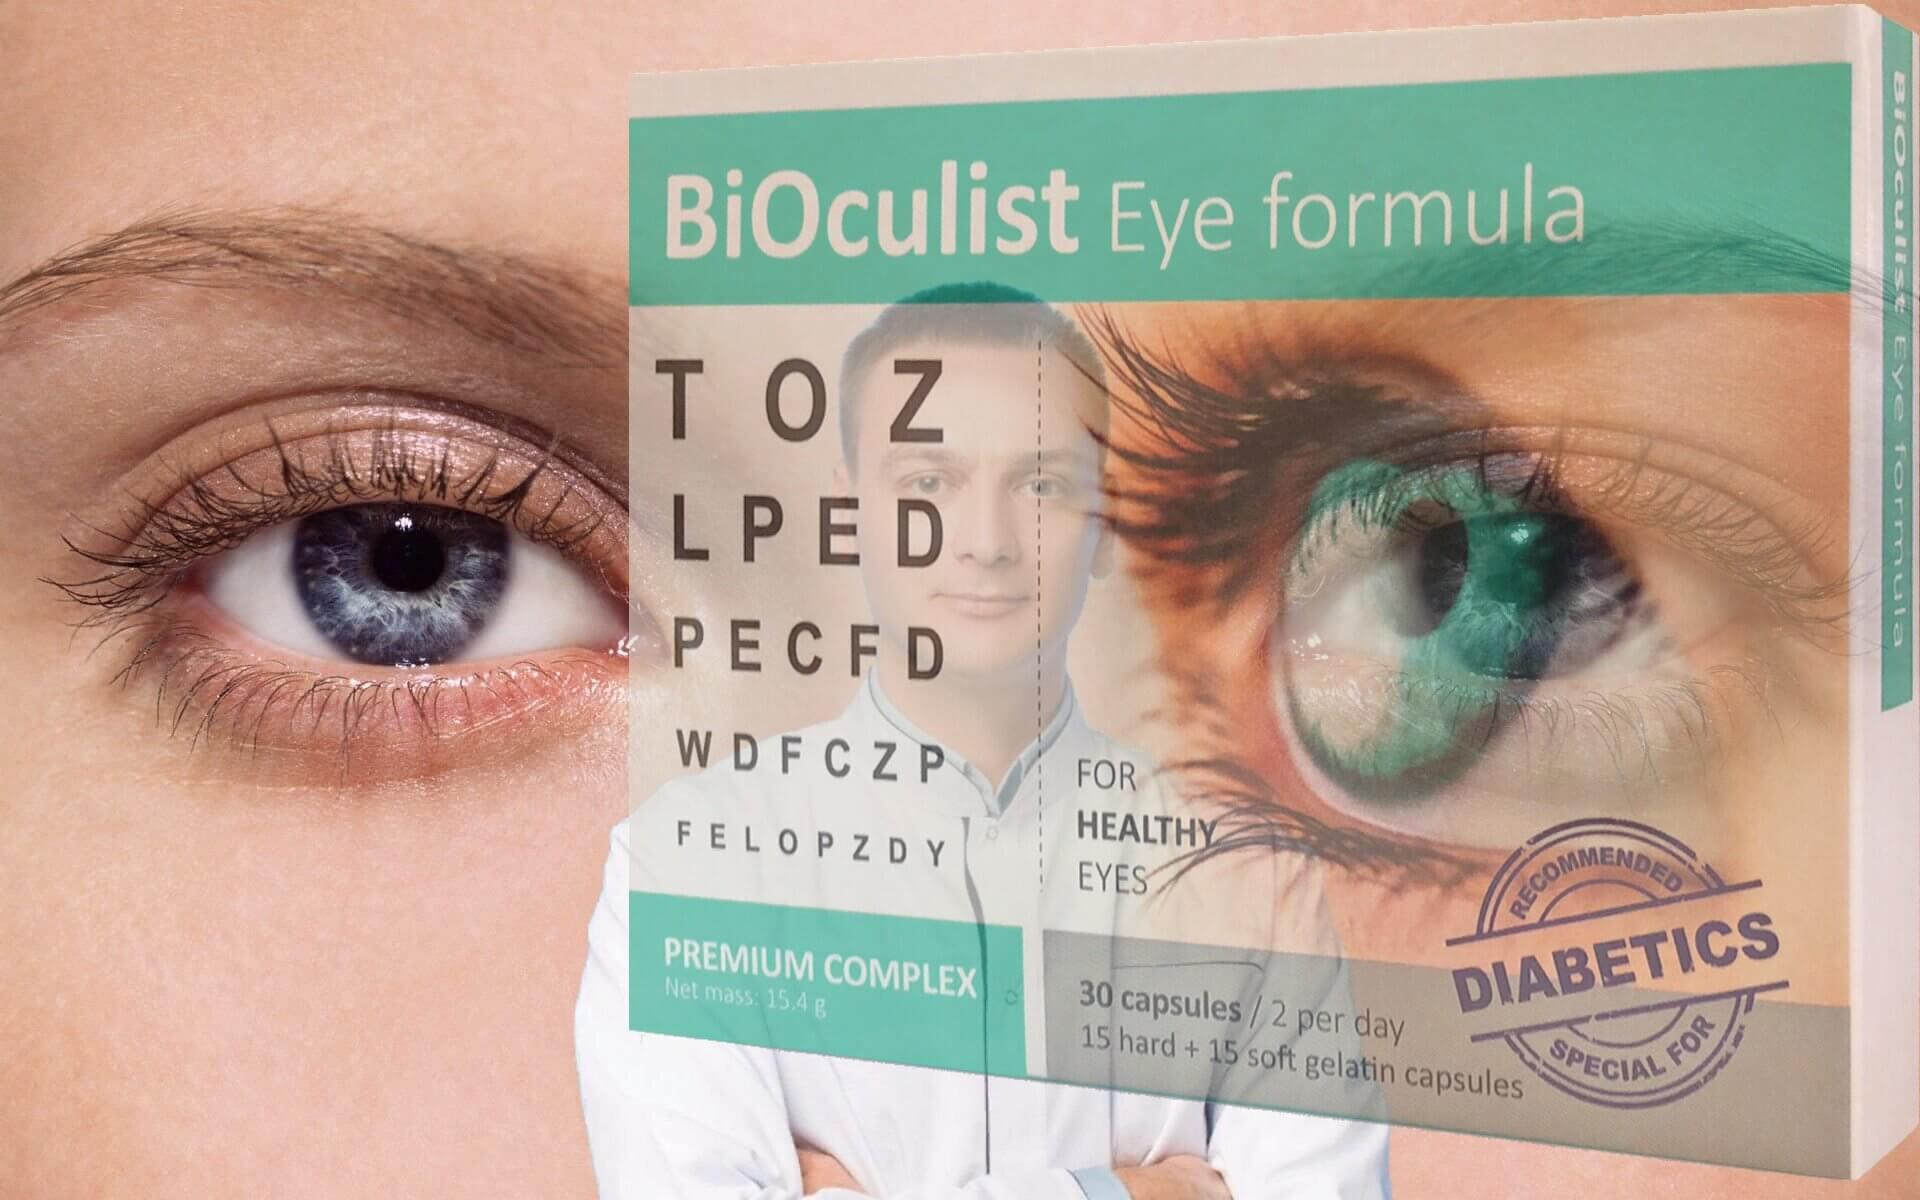 hogyan lehetne javítani az idősek látását